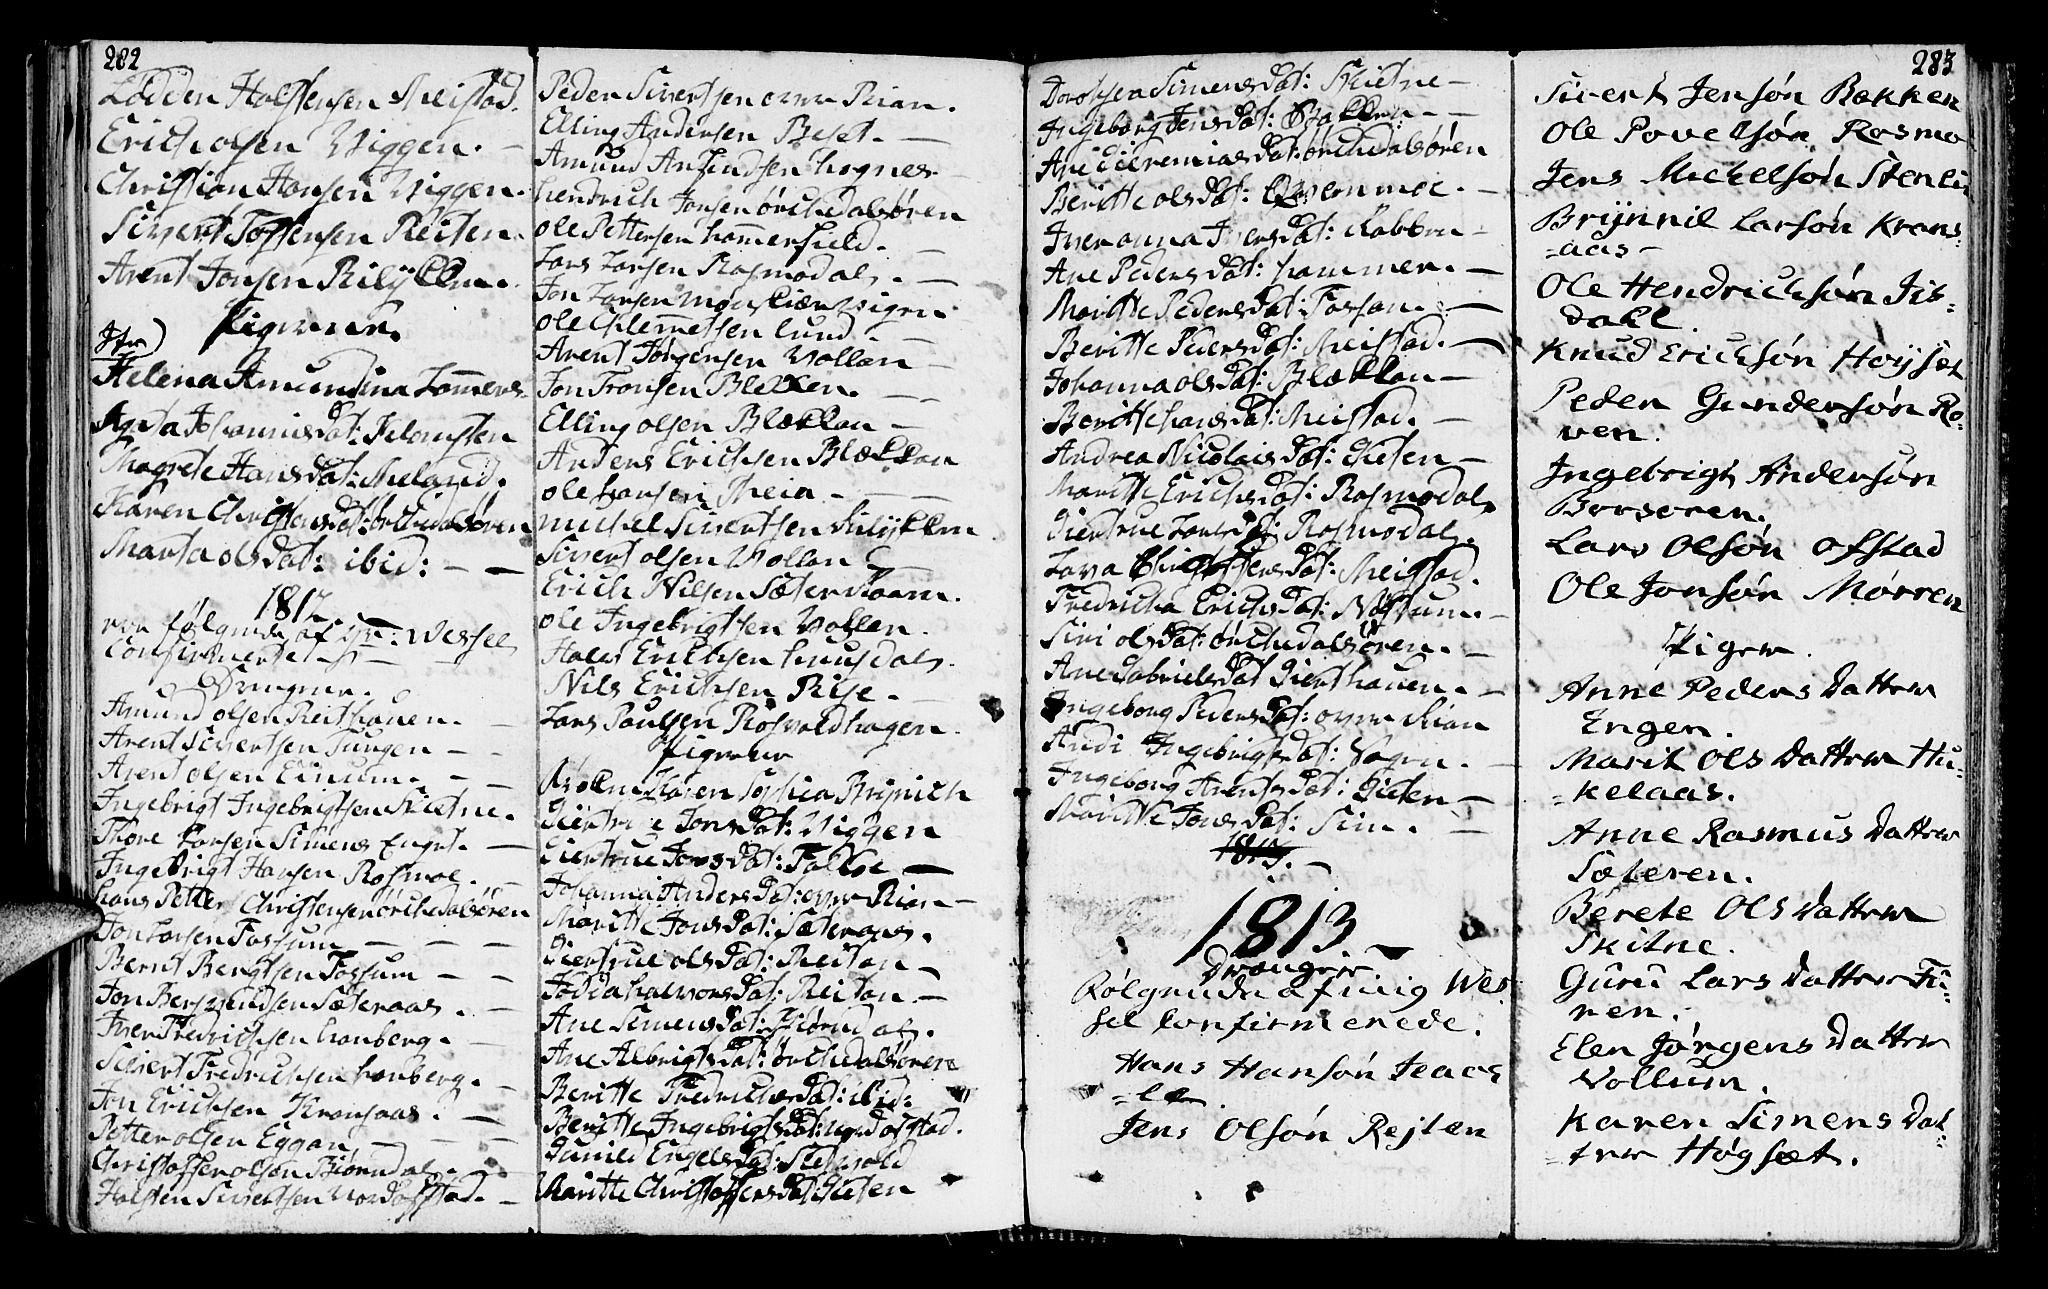 SAT, Ministerialprotokoller, klokkerbøker og fødselsregistre - Sør-Trøndelag, 665/L0769: Ministerialbok nr. 665A04, 1803-1816, s. 282-283